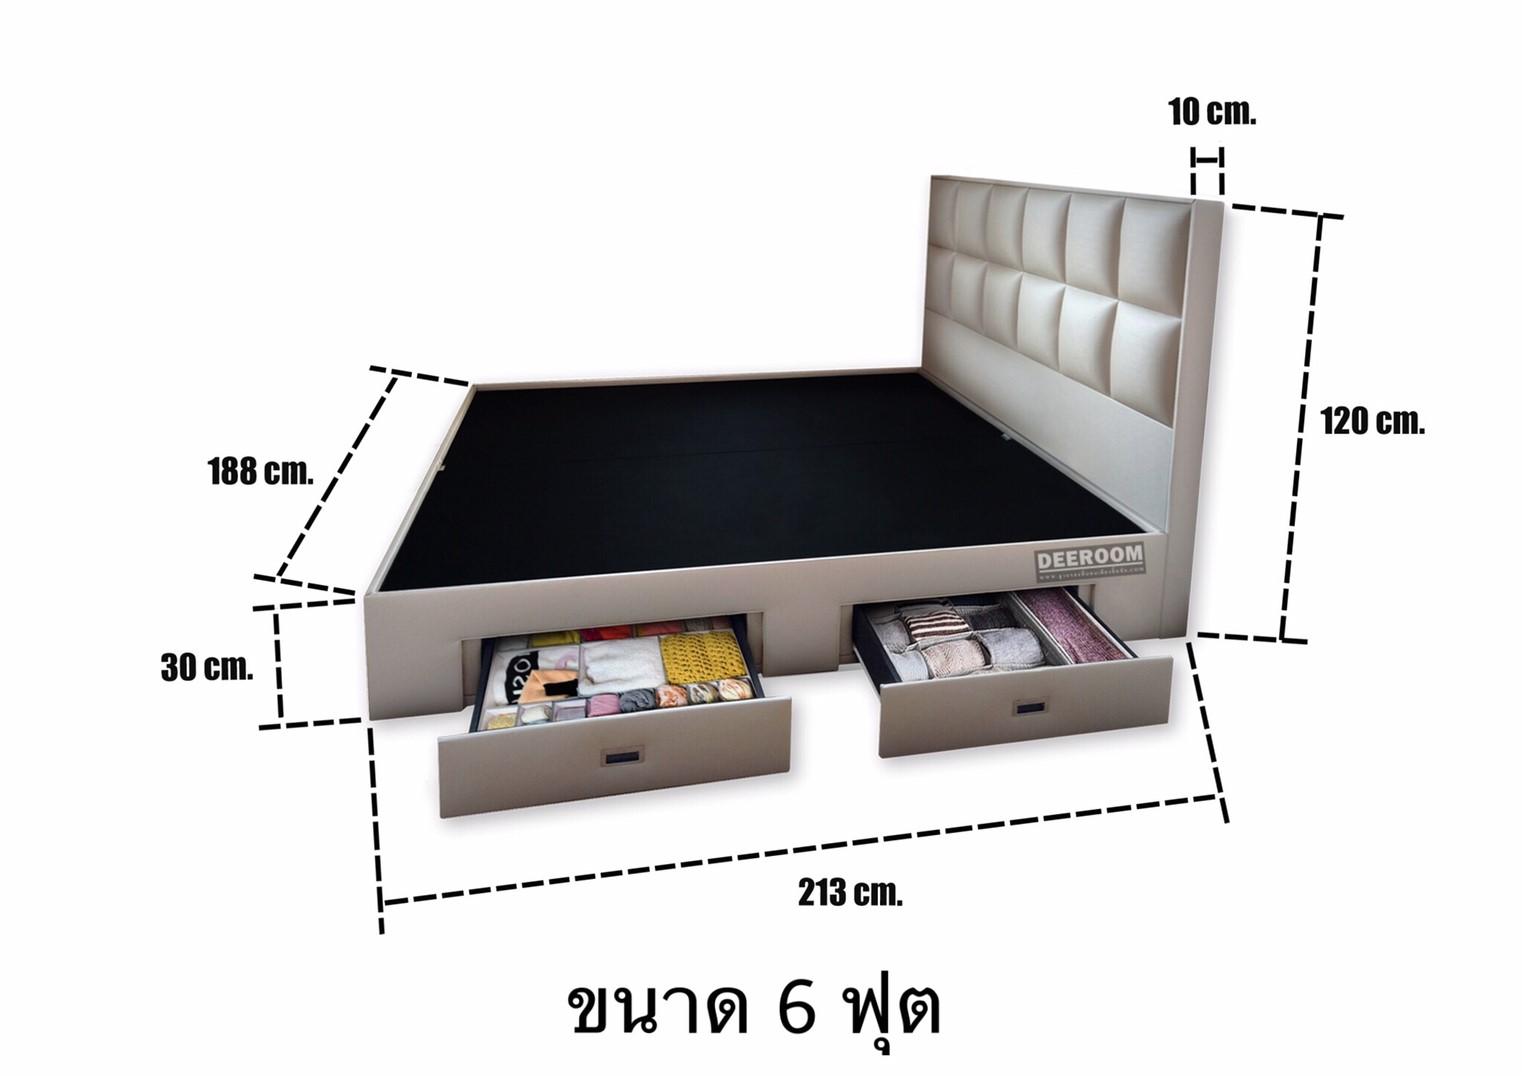 ขนาดฐานรองที่นอนพร้อมหัวเตียง รุ่นMosaic design ขนาด 6 ฟุต